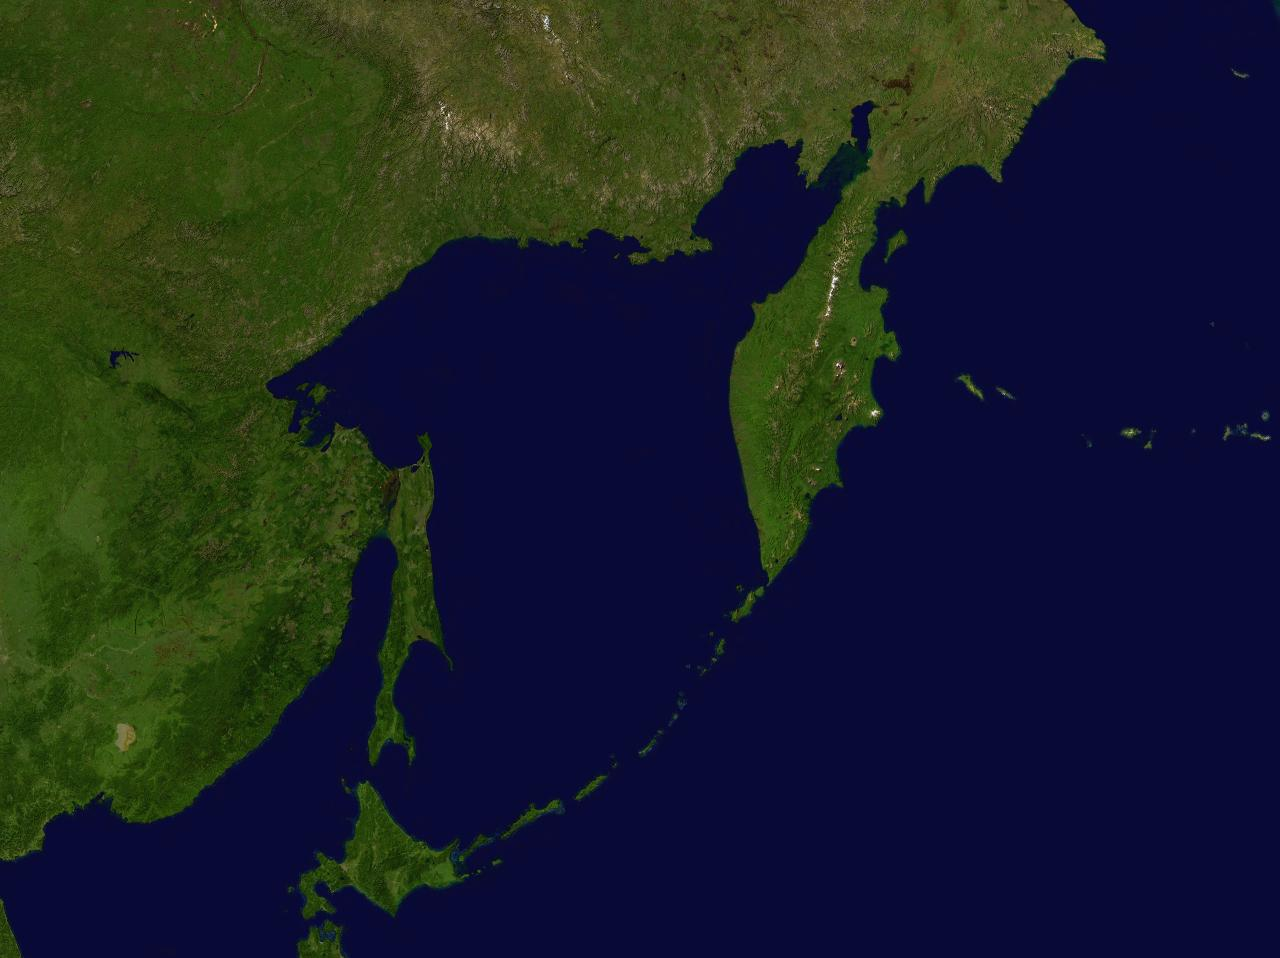 Depiction of Mar de Ojotsk